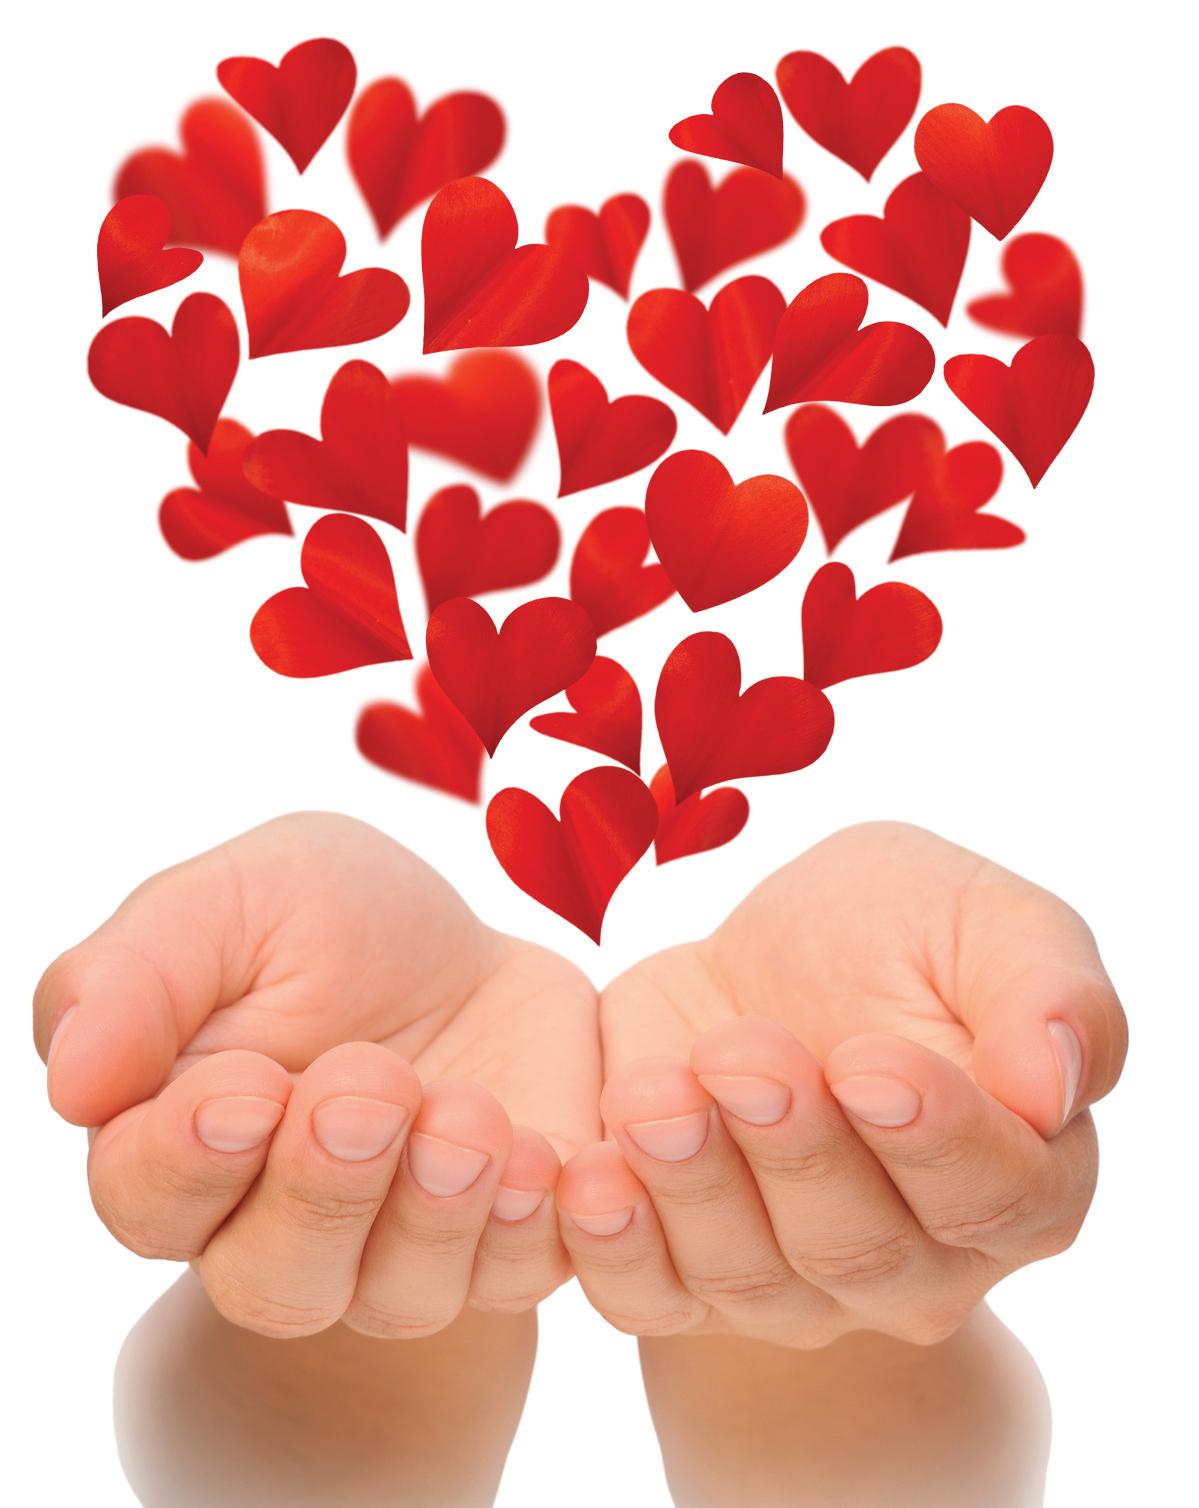 Открытки сердце из рук, снуп дога прикольные